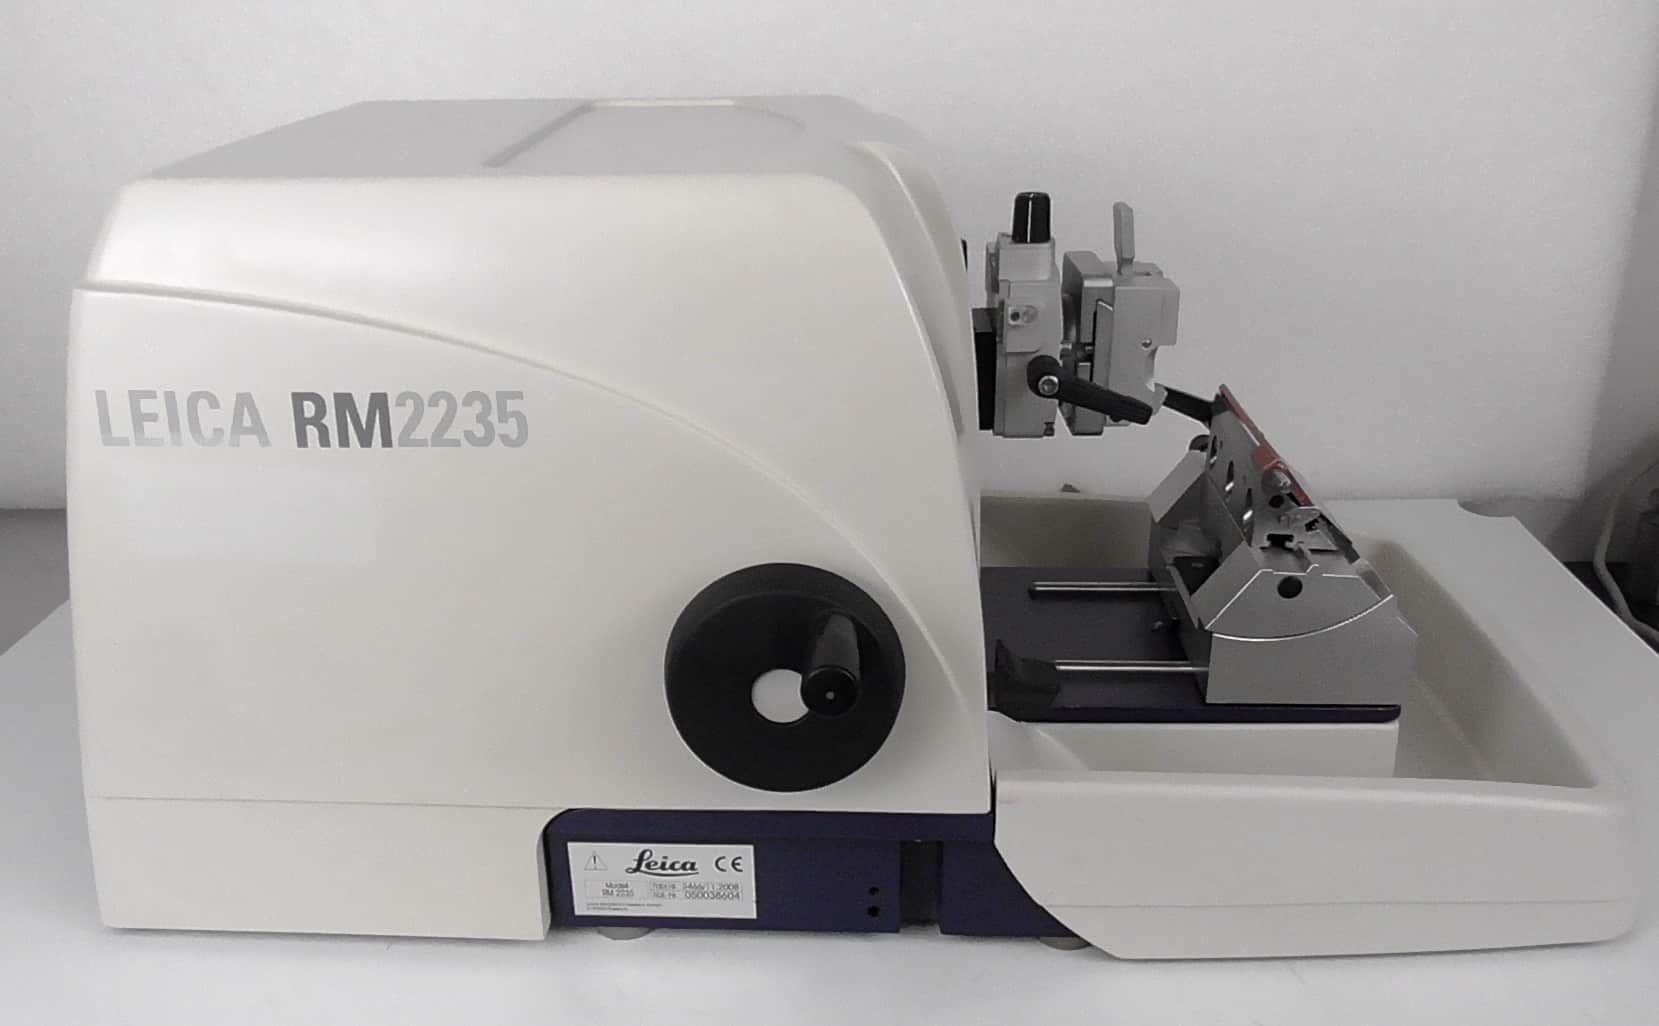 Leica RM2235 Microtome